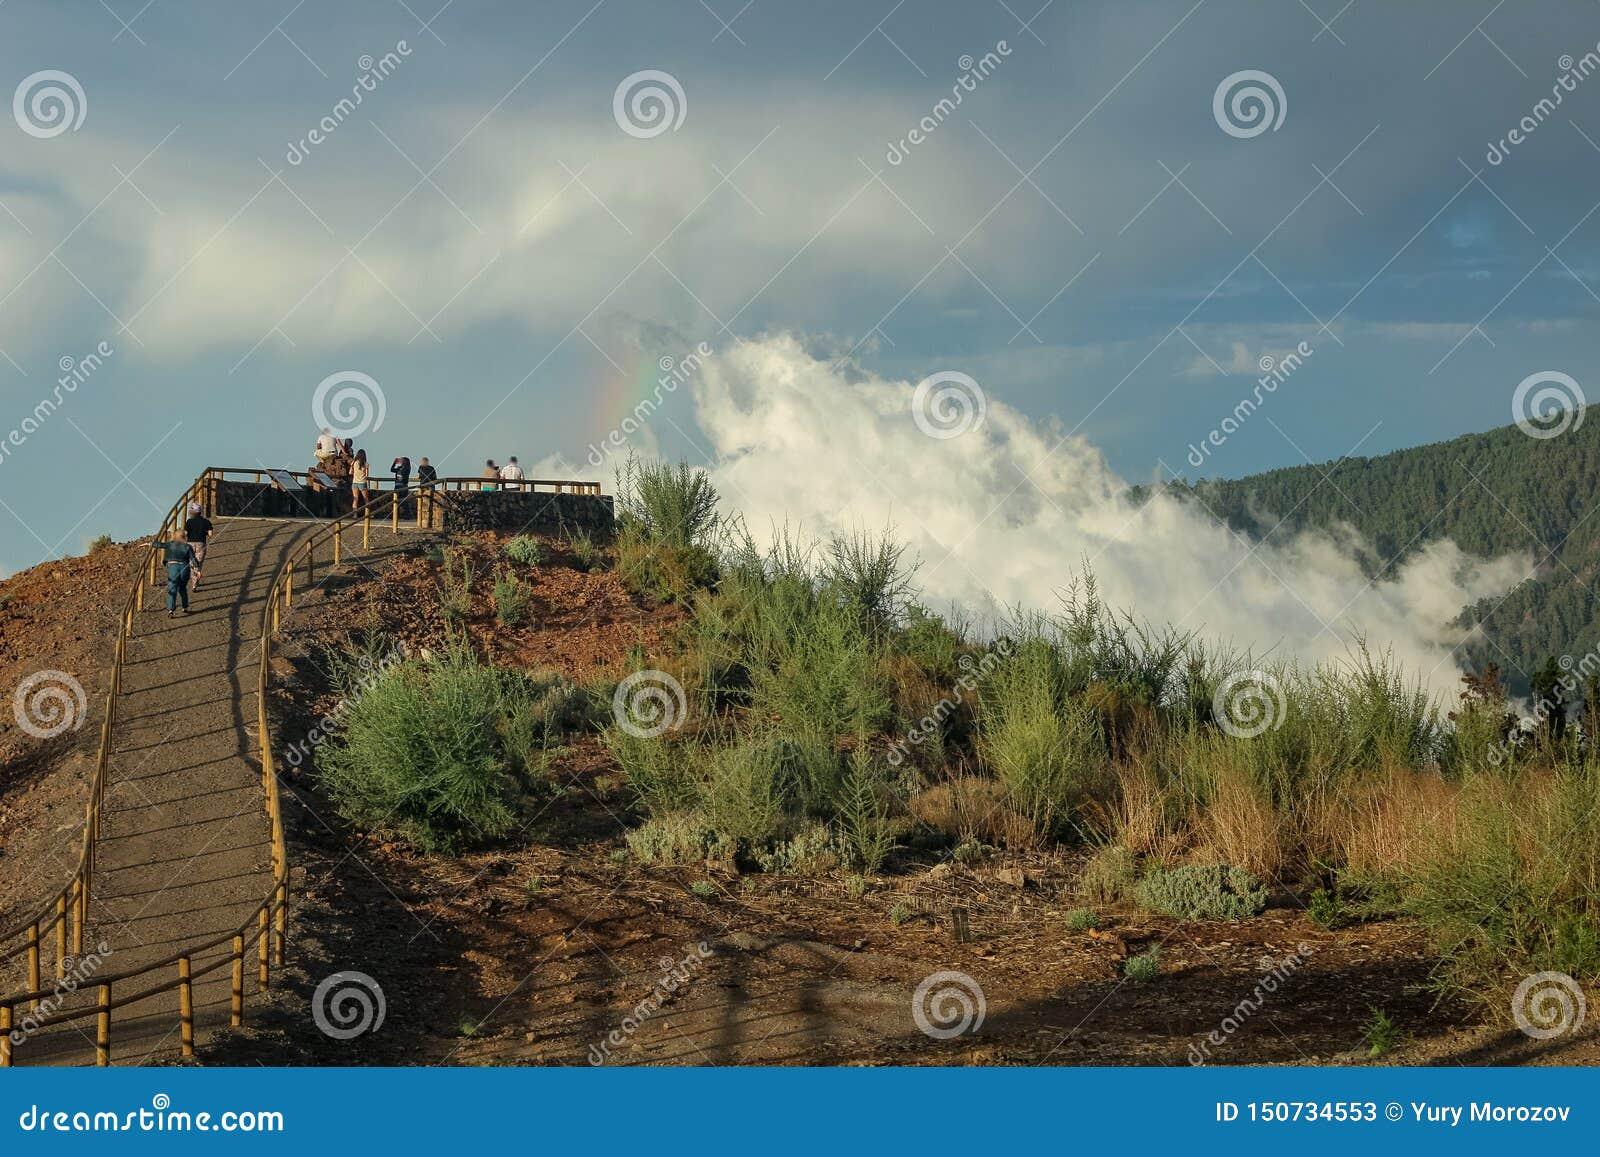 Arco-íris sobre a floresta, o fenômeno da natureza, rochas e árvores, cores brilhantes no arco-íris, chuva e céu nebuloso